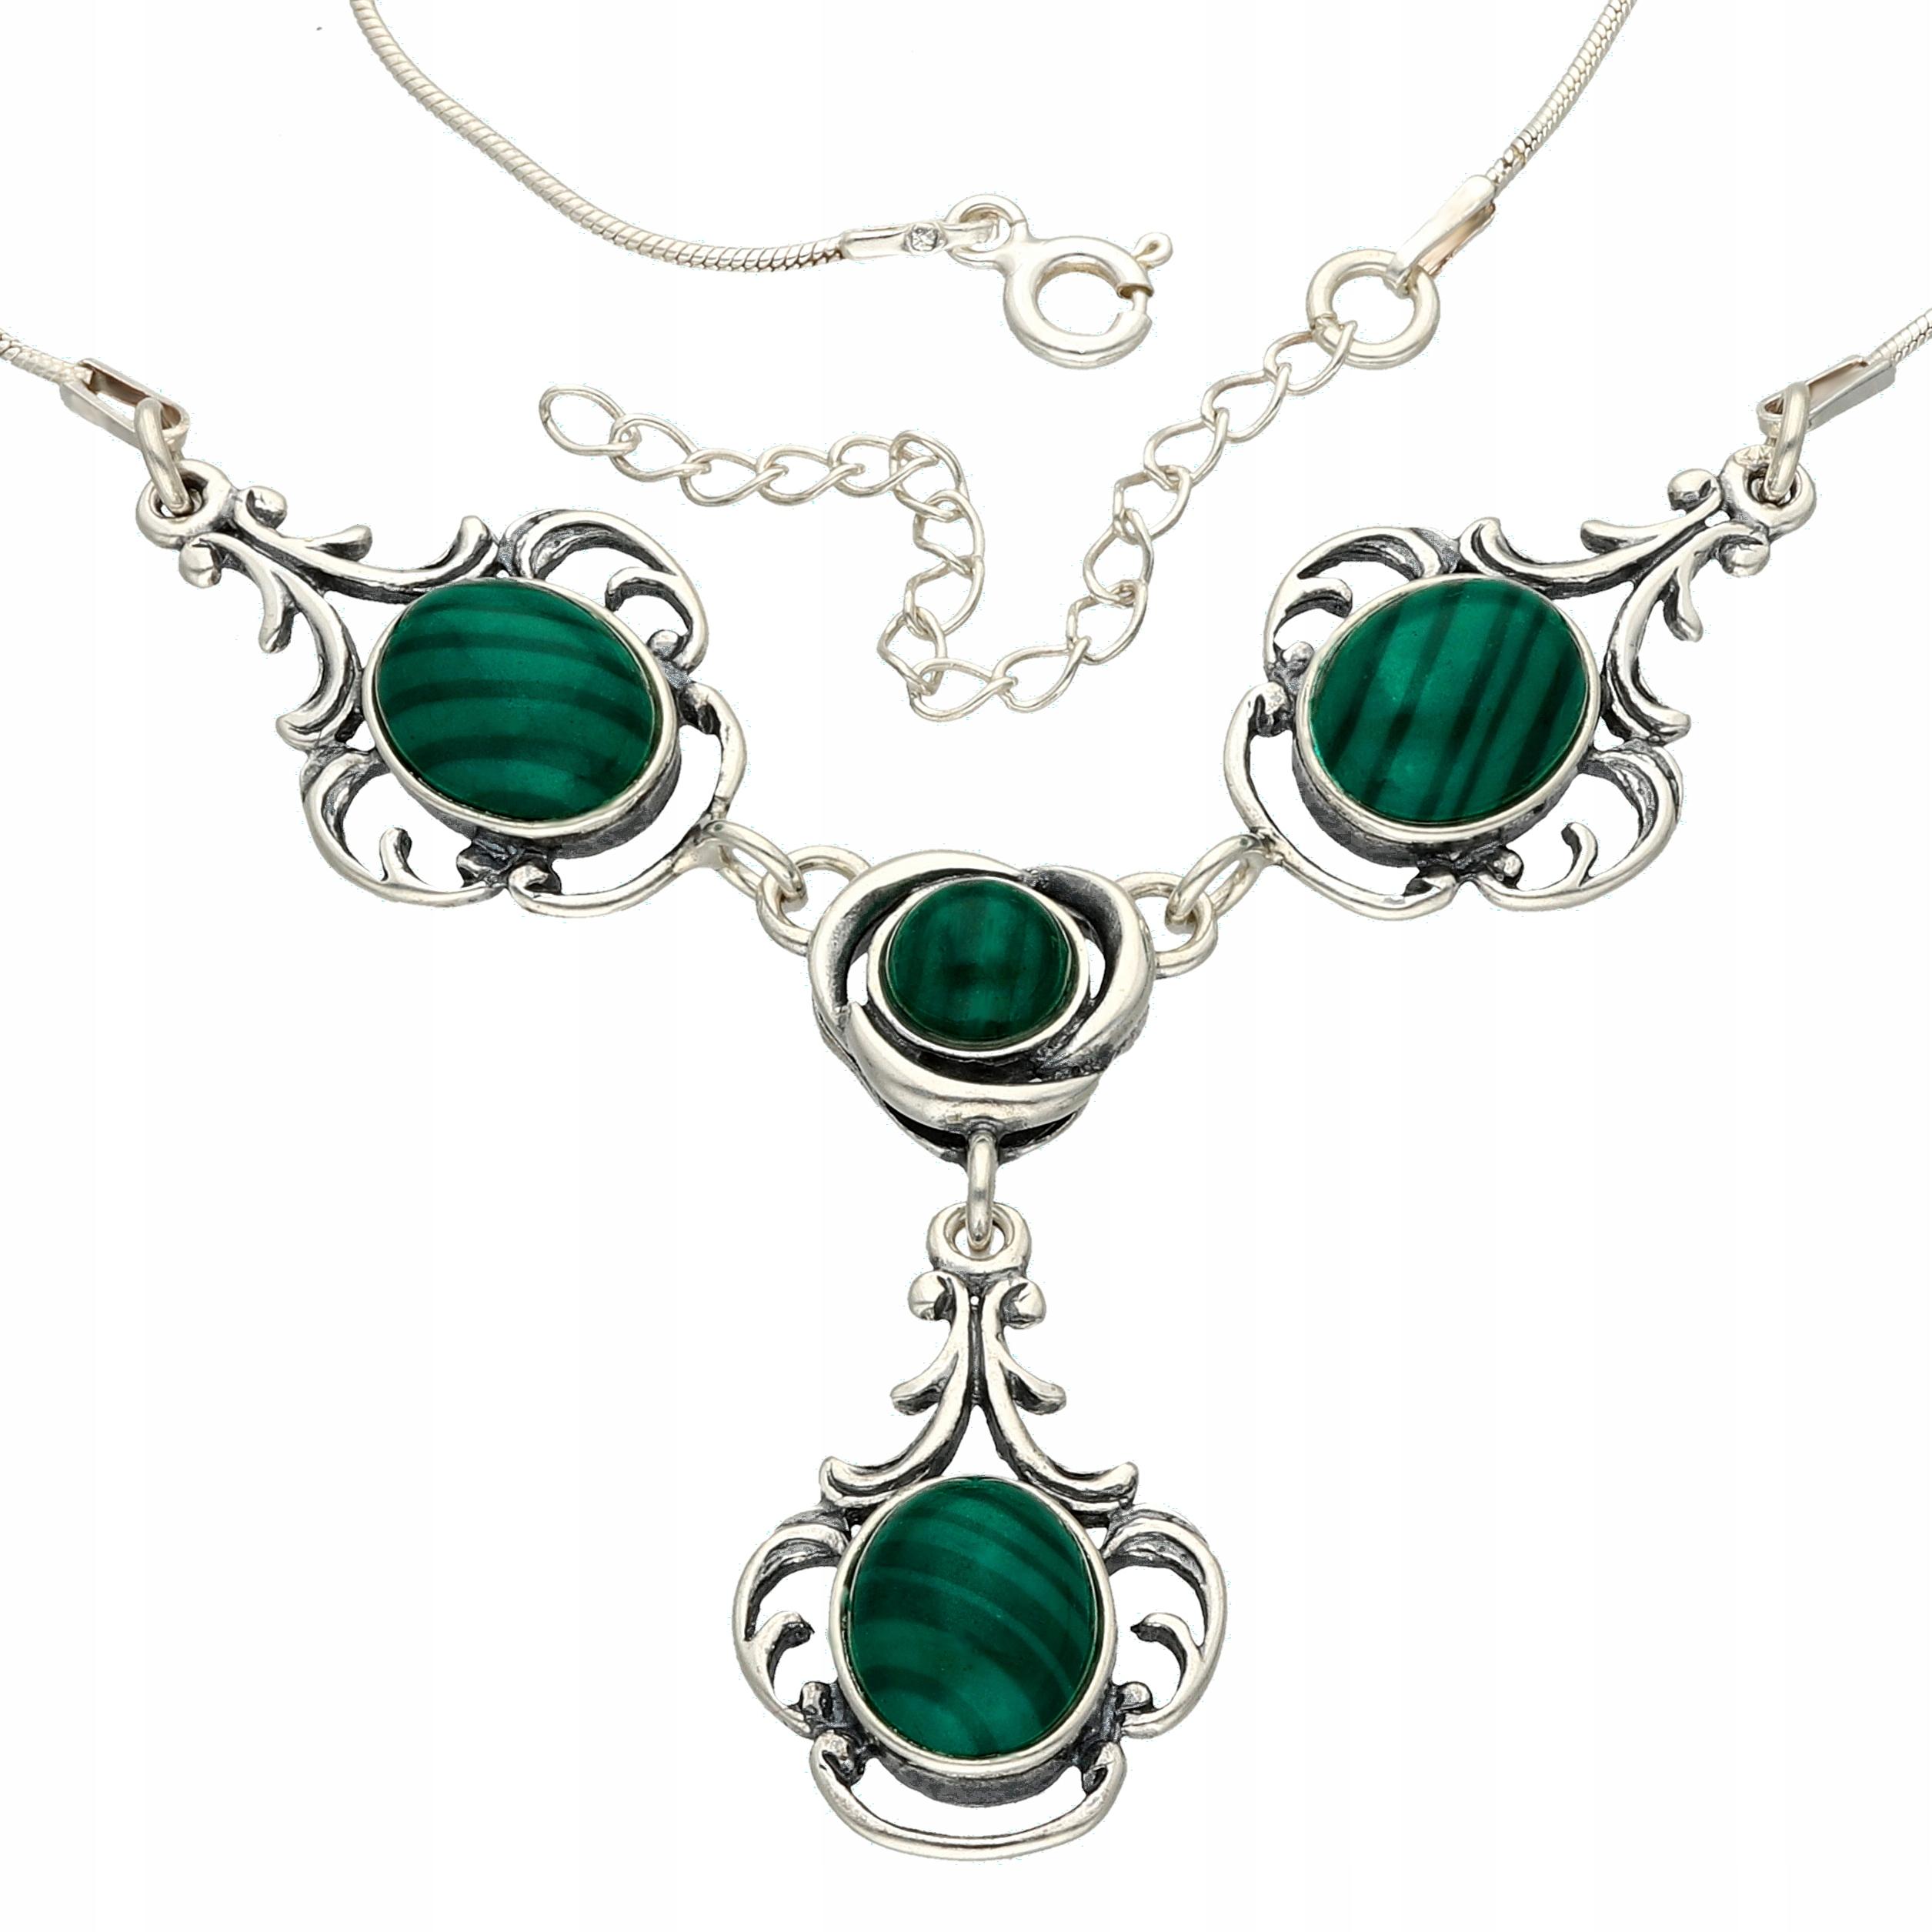 NÁHRDELNÍK STRIEBORNÝ s malachitem Garniža náhrdelník